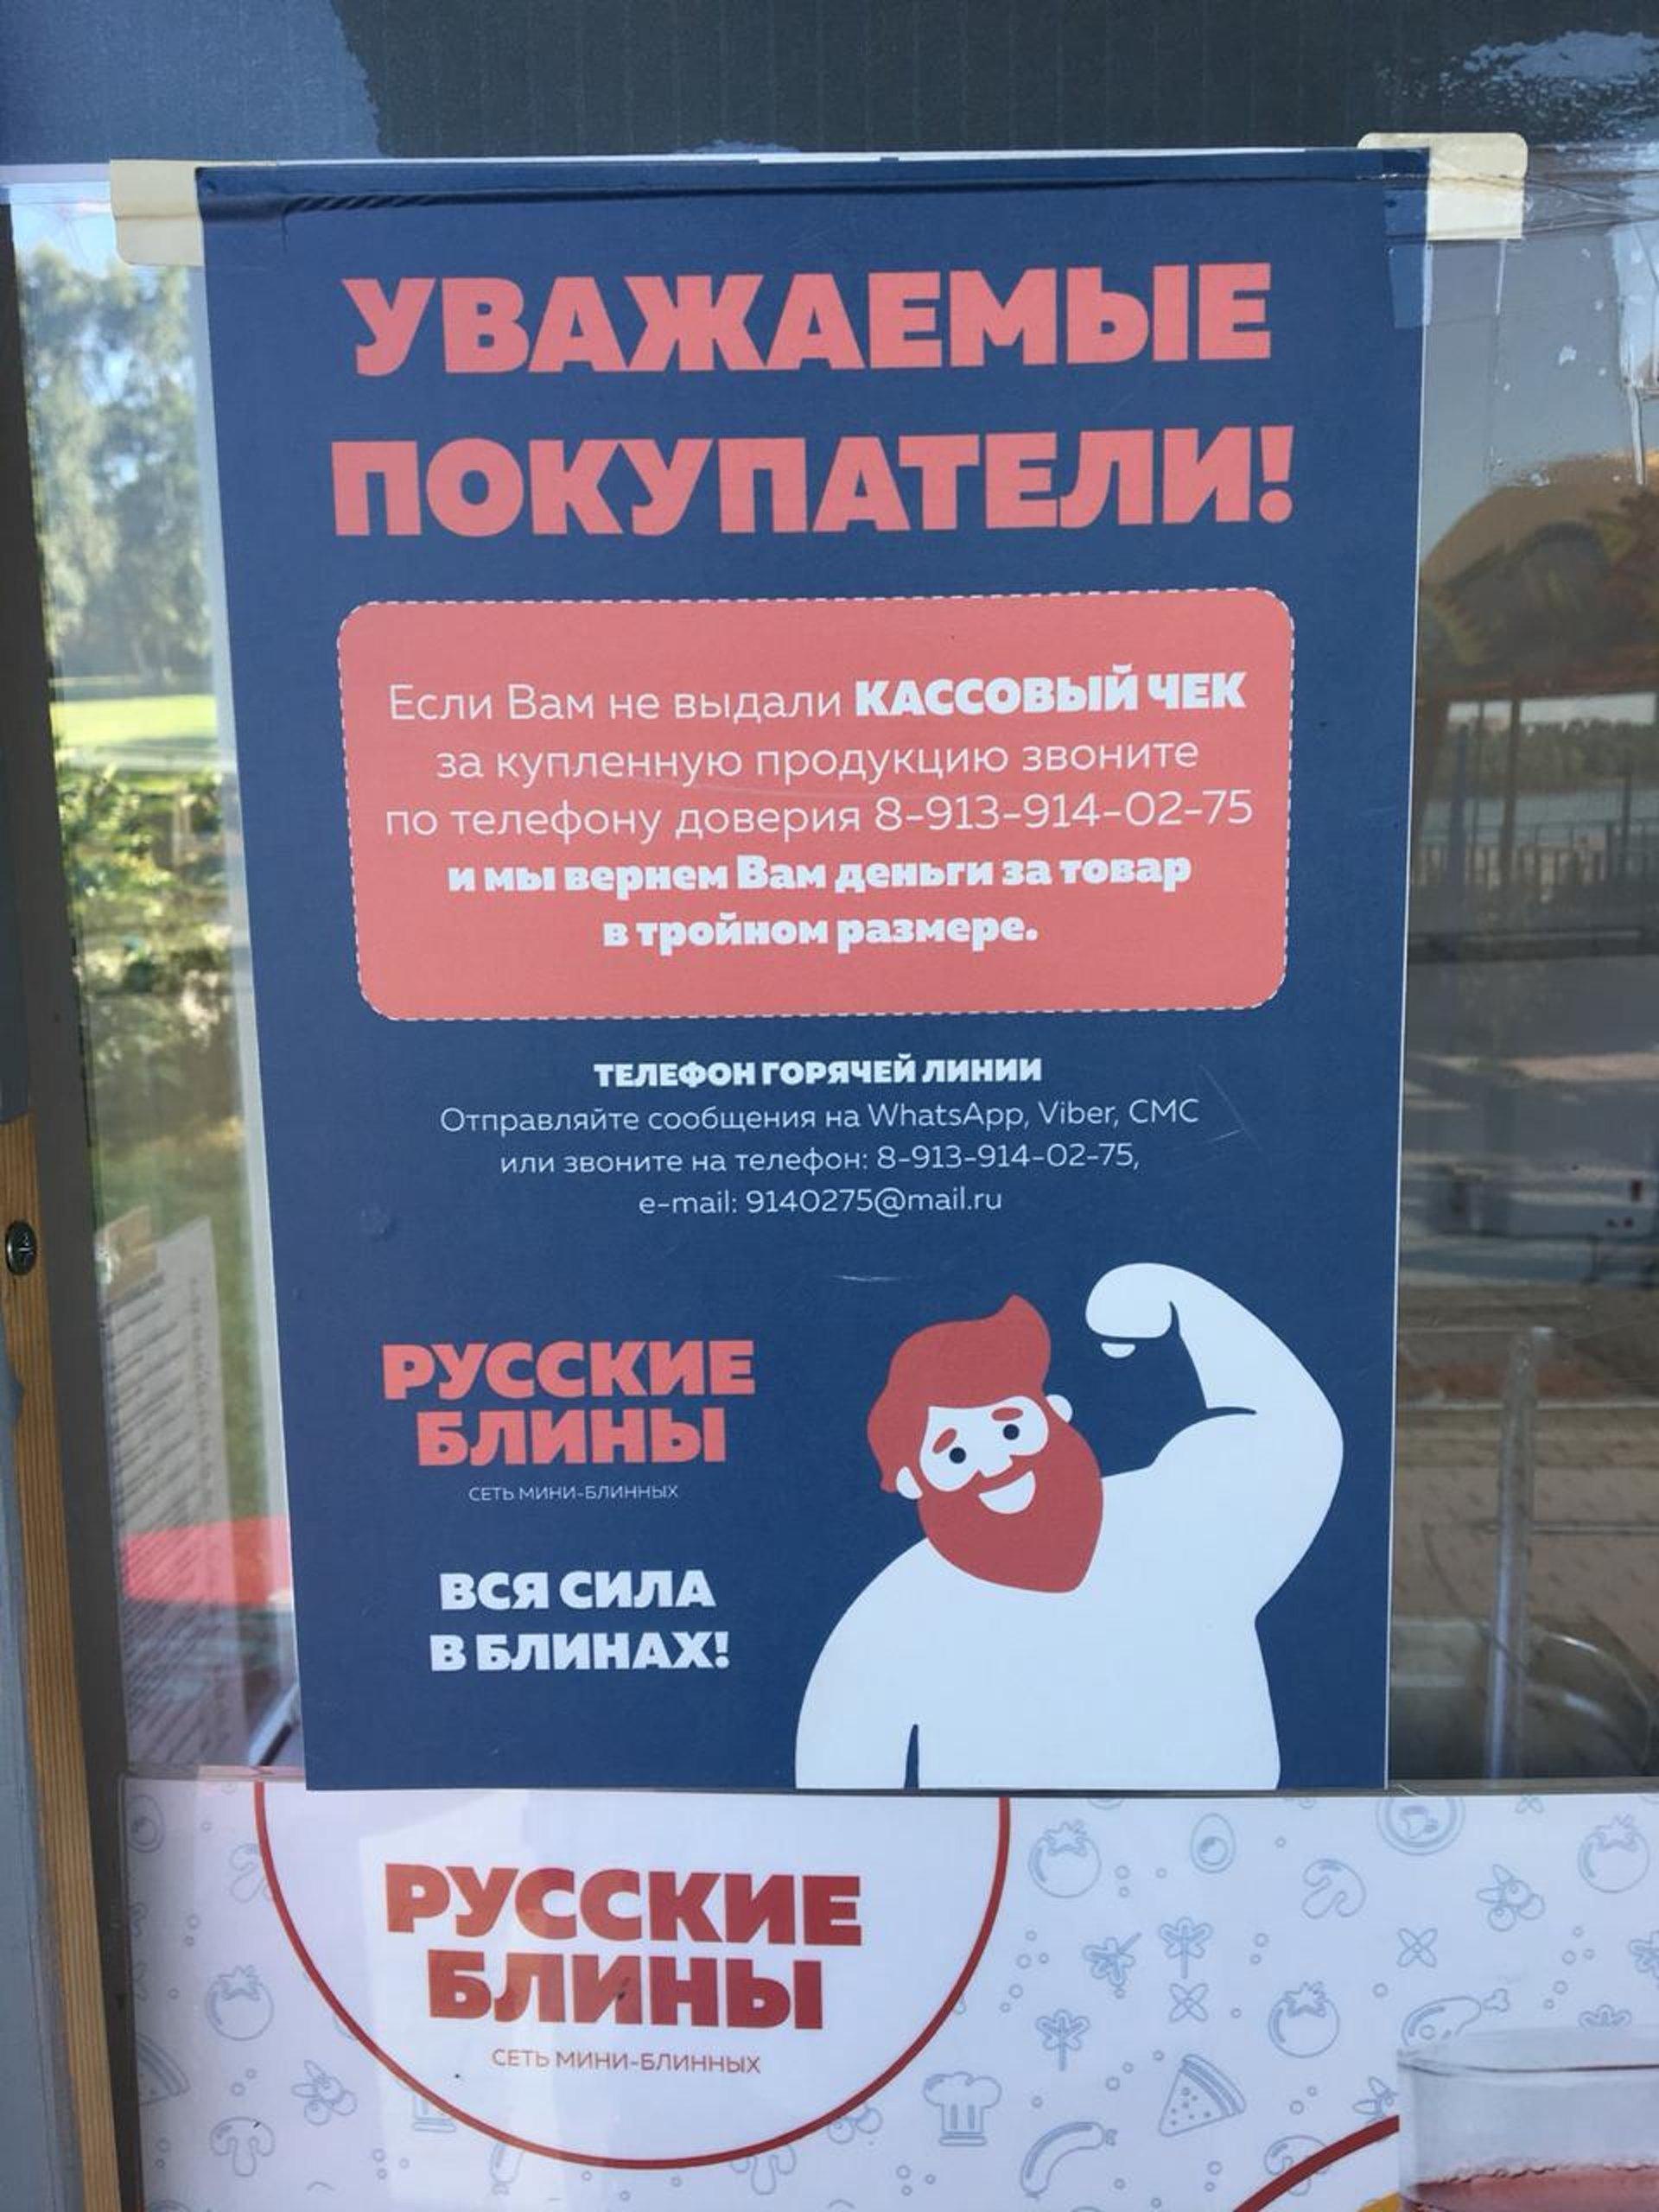 русские деньги телефон горячей